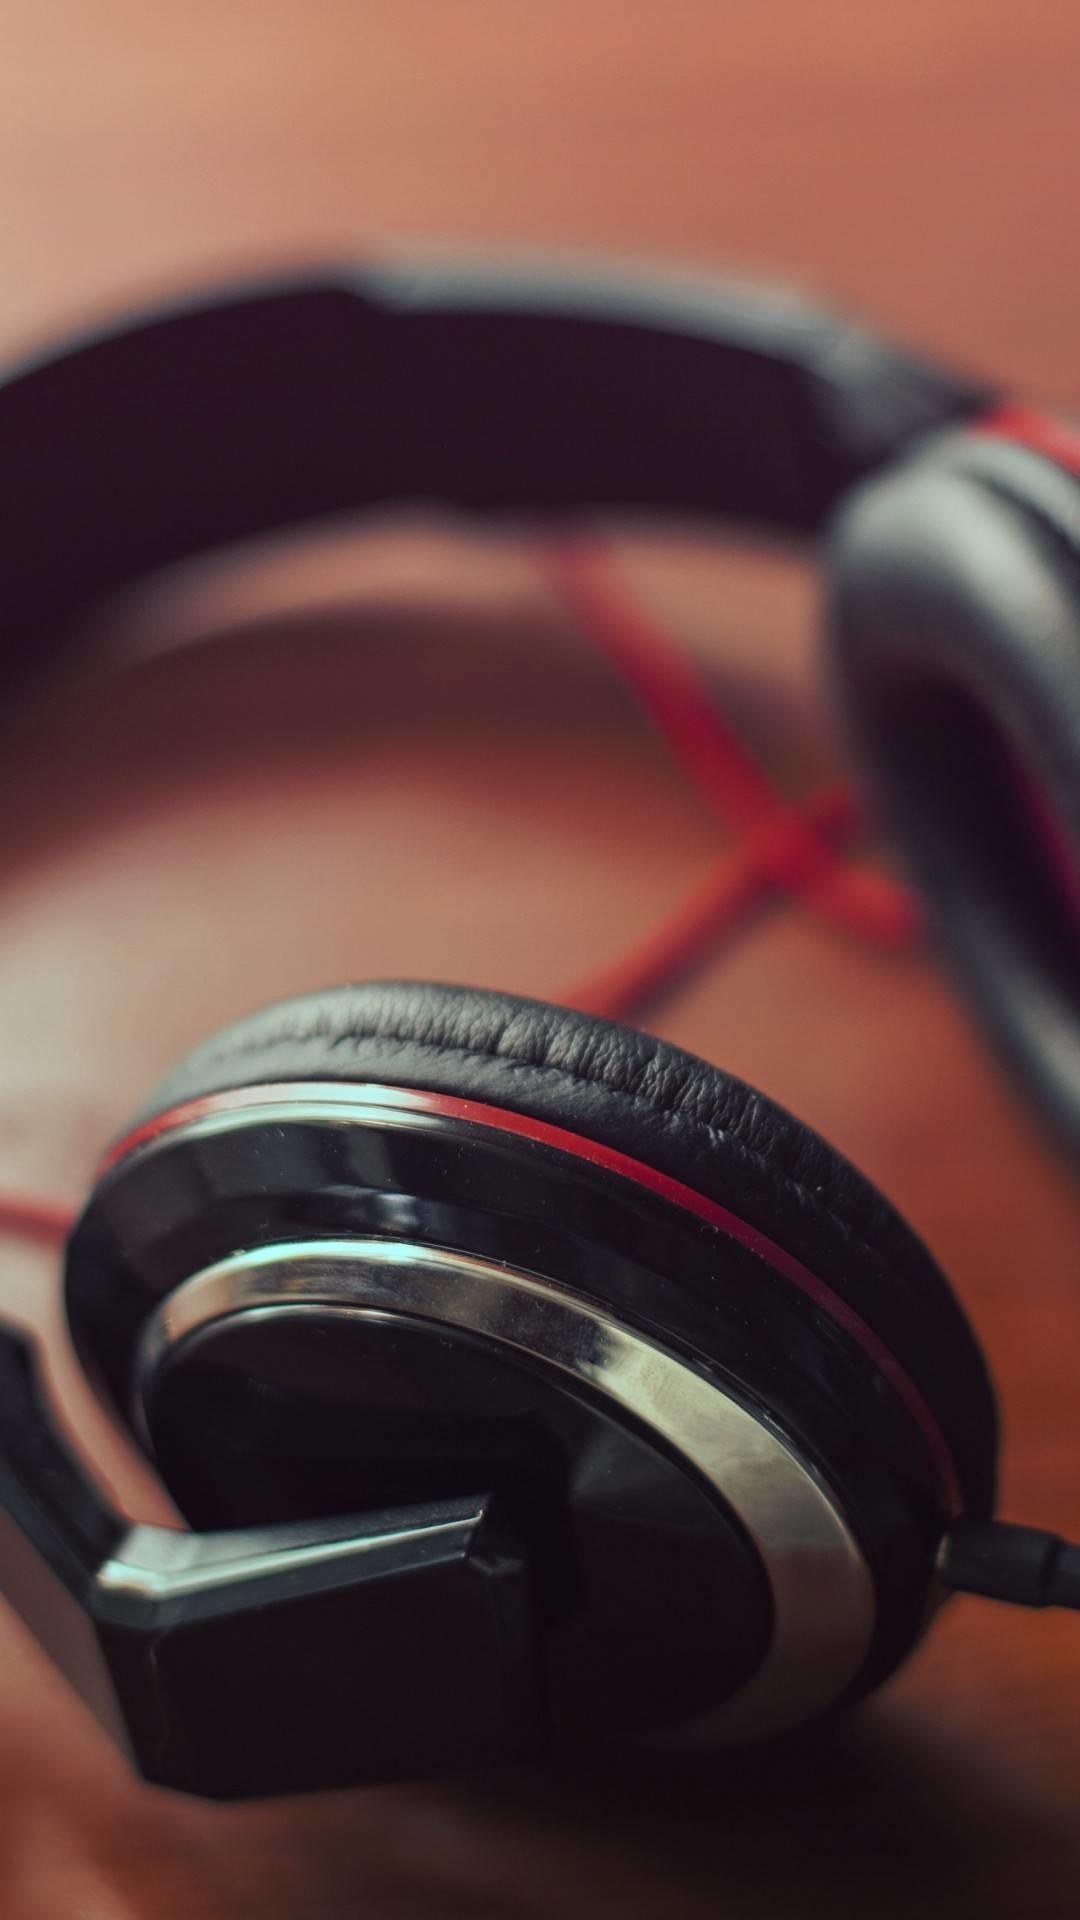 Headphones wallpaper 1080P Hd